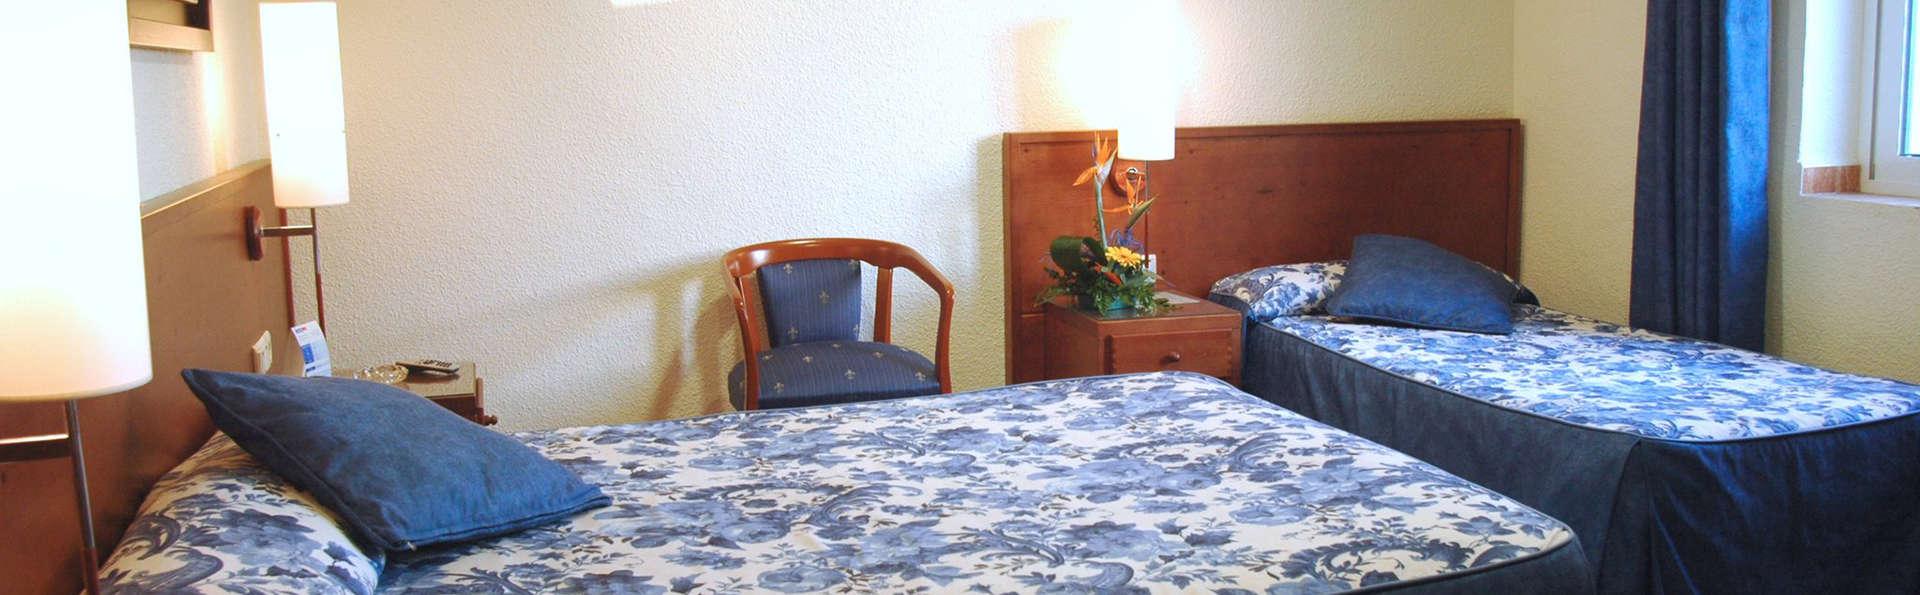 Hotel Masa International - EDIT_room3.jpg